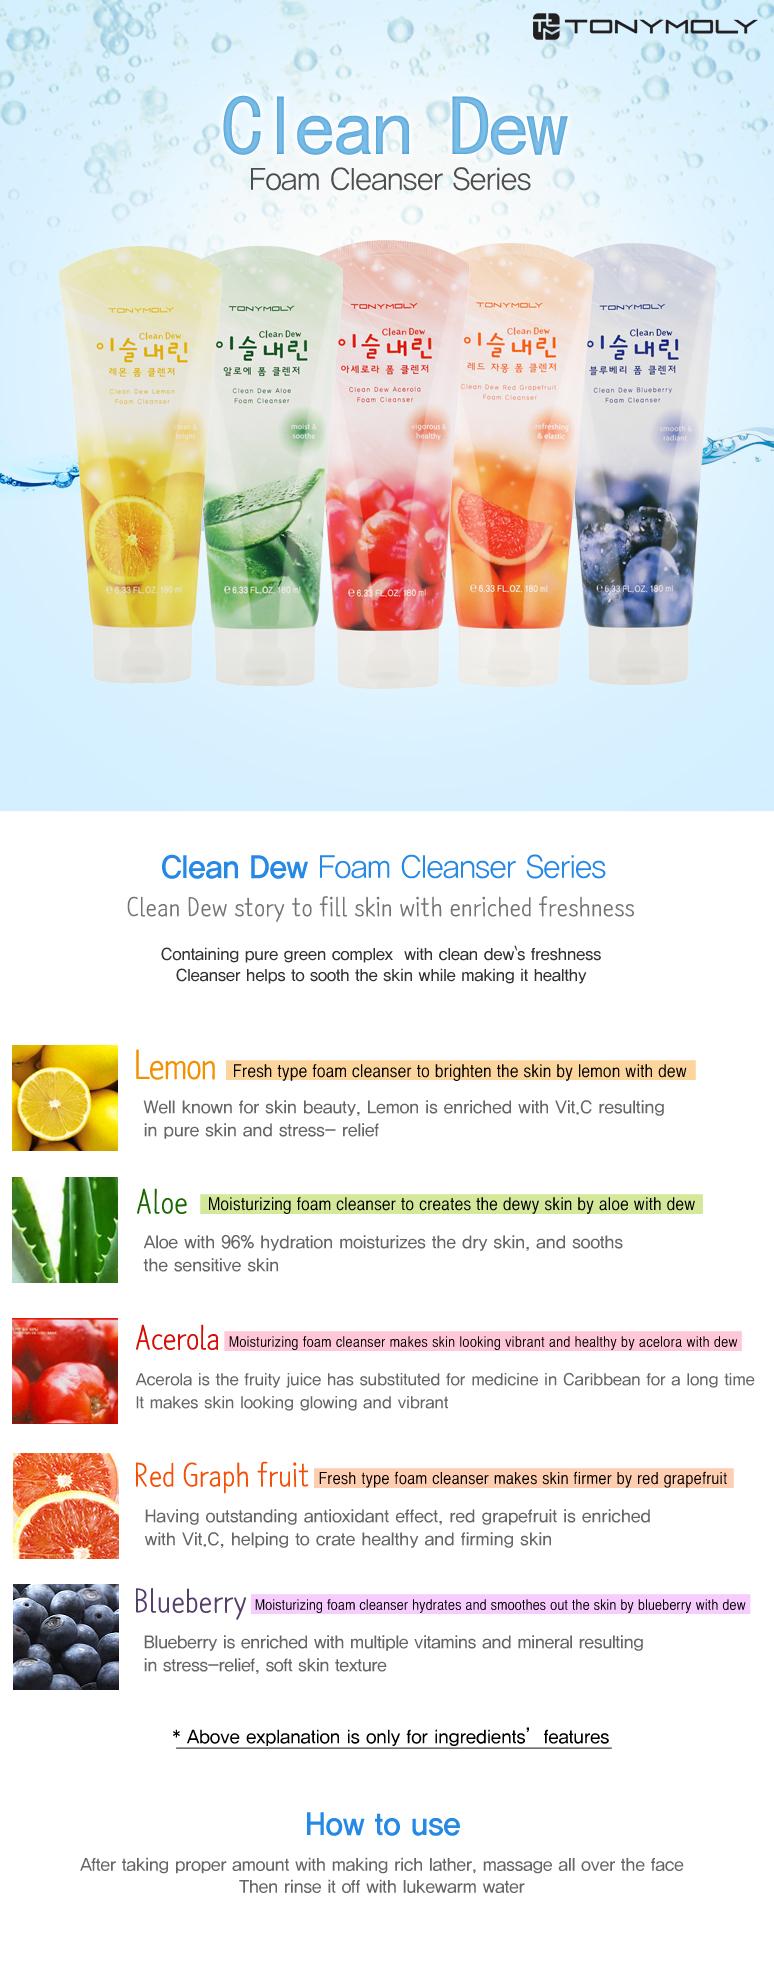 [Tonymoly] Clean Dew Acerola Foam Cleanser (180ml)